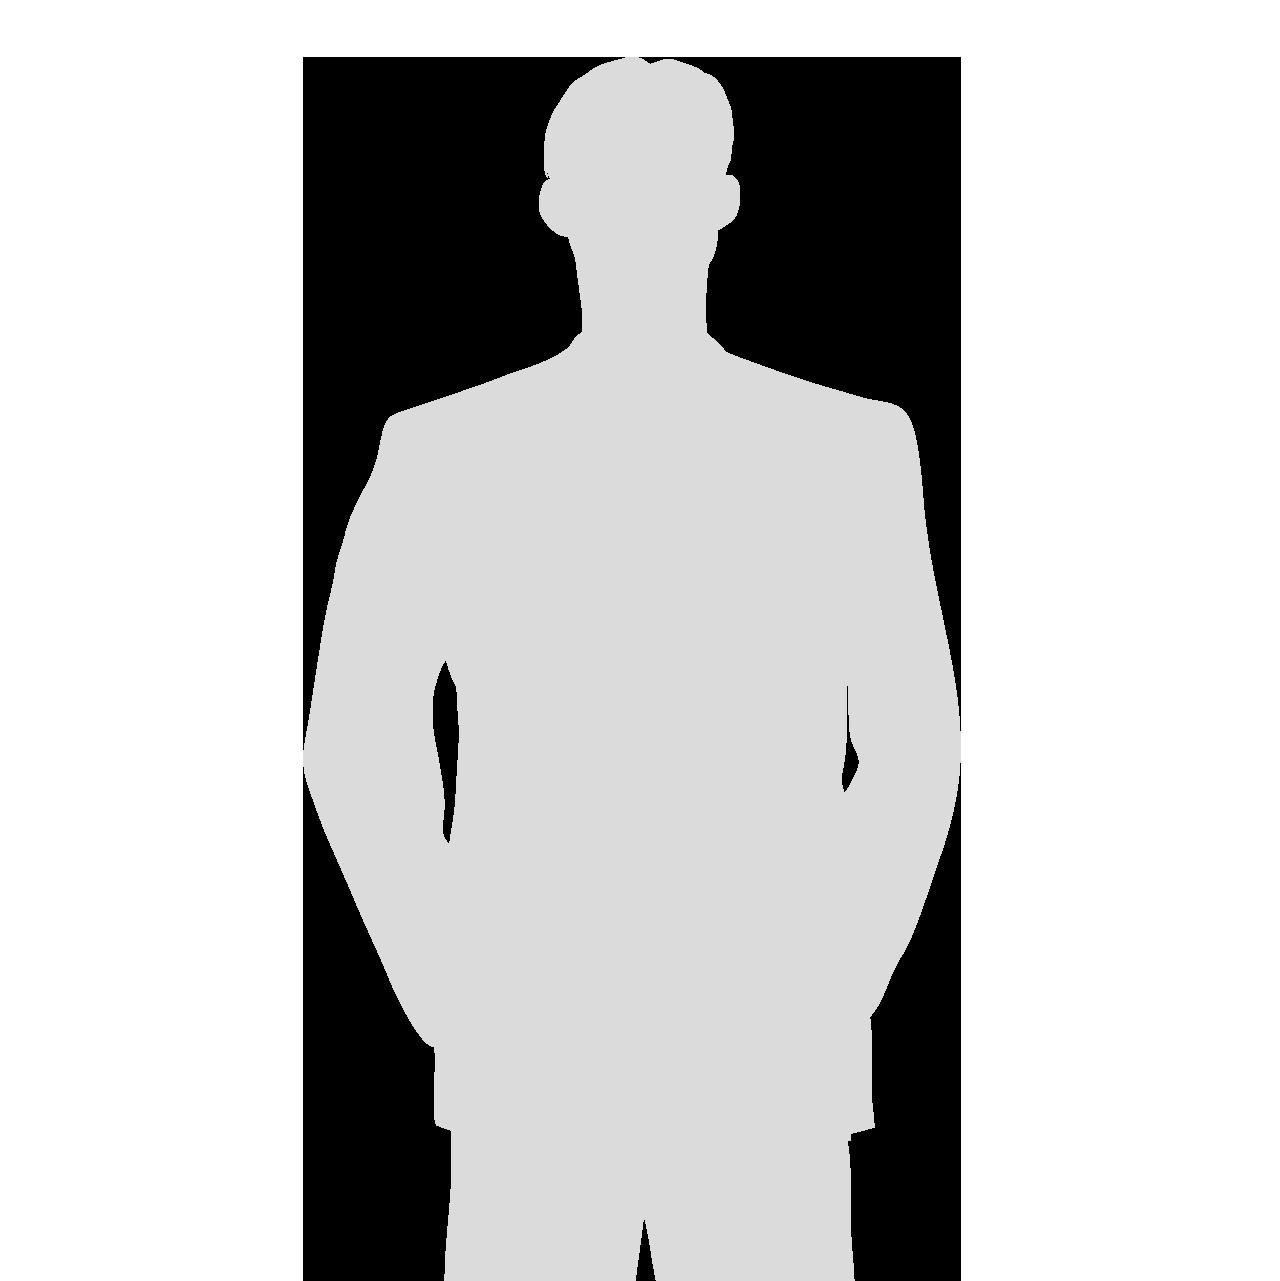 mitarbeiter symbol